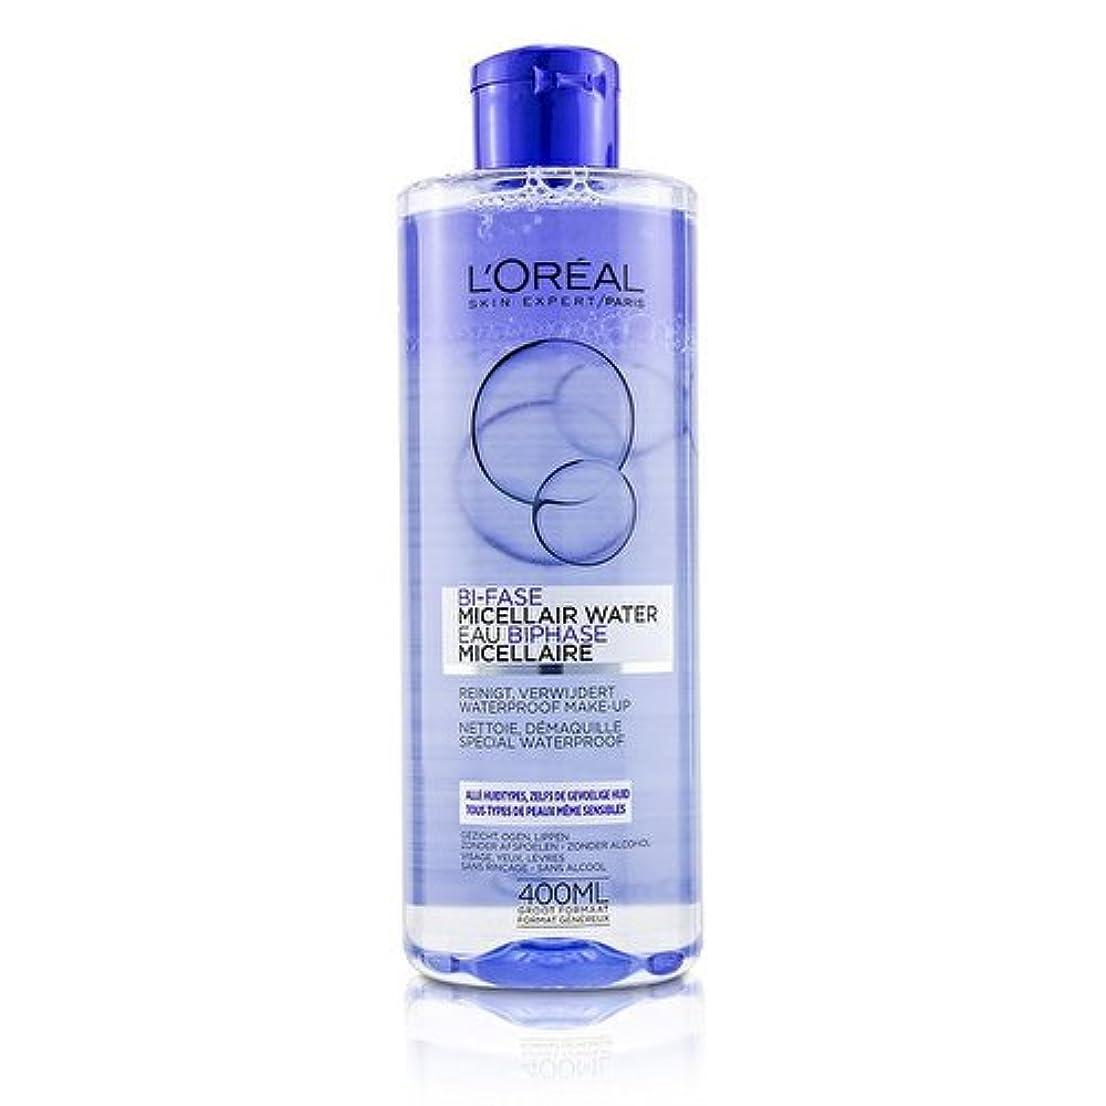 ブーストタイムリーな火山学者ロレアル Bi-Phase Micellar Water (Bi-Fase Micellair Water) - For All Skin Types, even Sensitive Skin 400ml/13.3oz並行輸入品